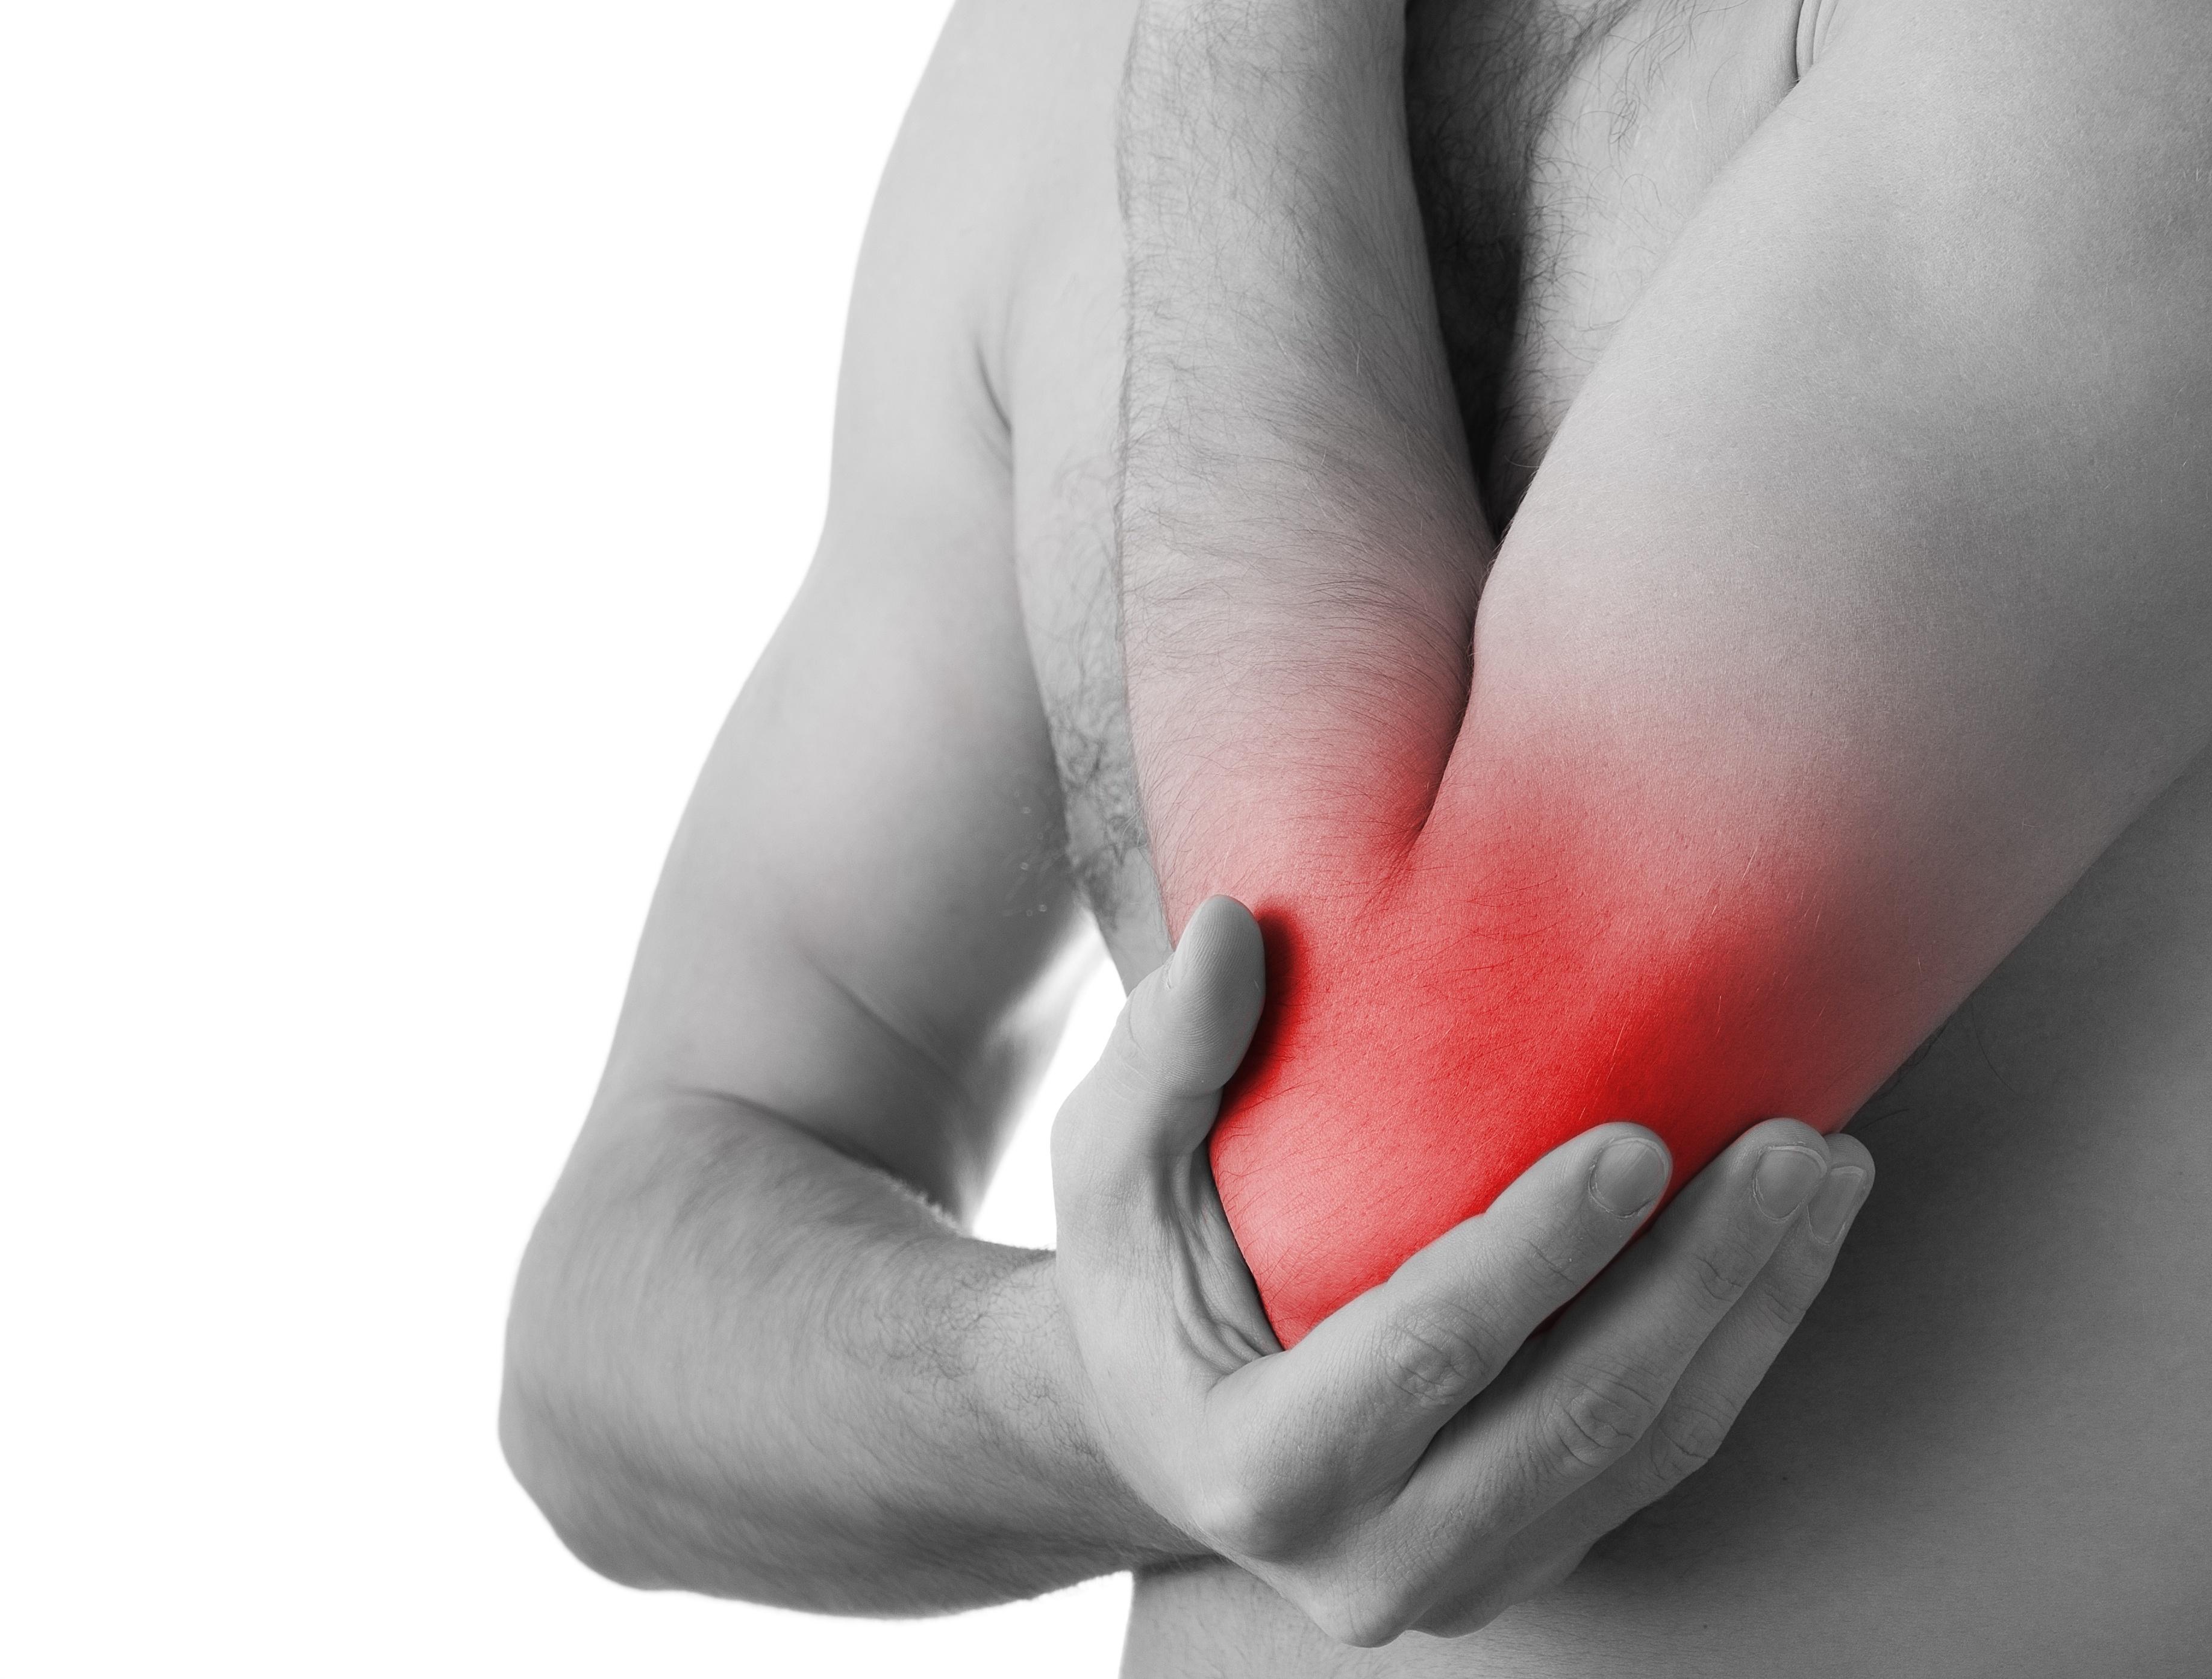 kollagenozis kötőszöveti betegségek térdízületek és lábak fájdalma